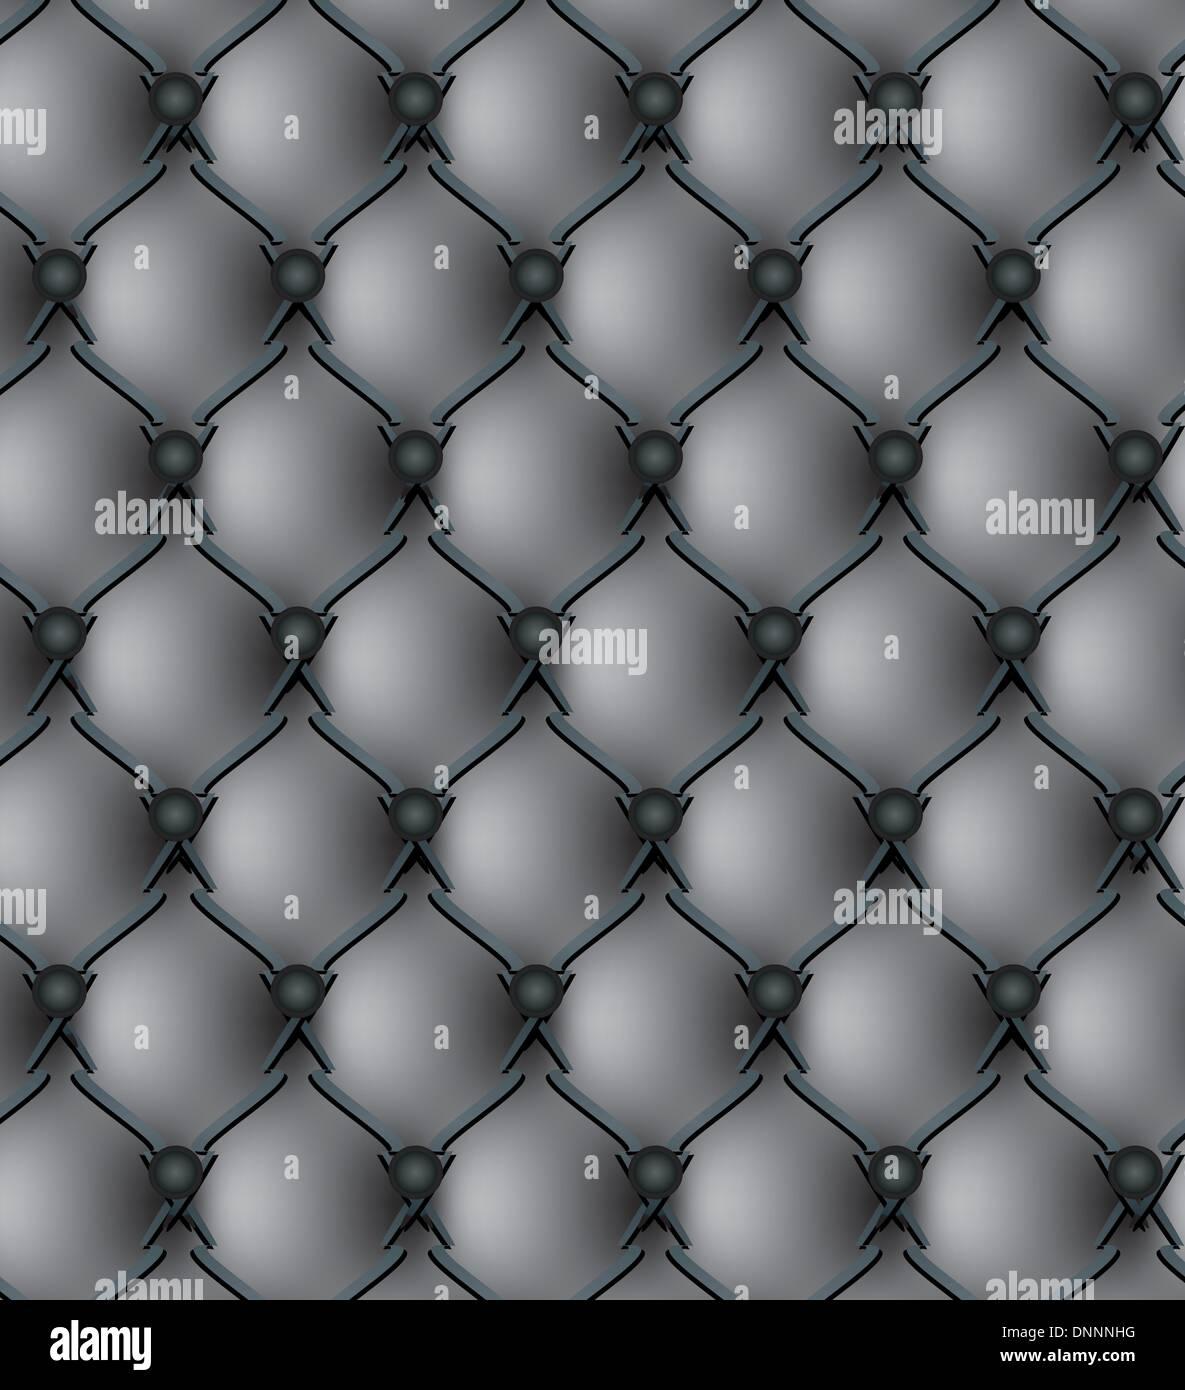 In vera pelle nera modello tappezzeria illustrazione vettoriale Immagini Stock